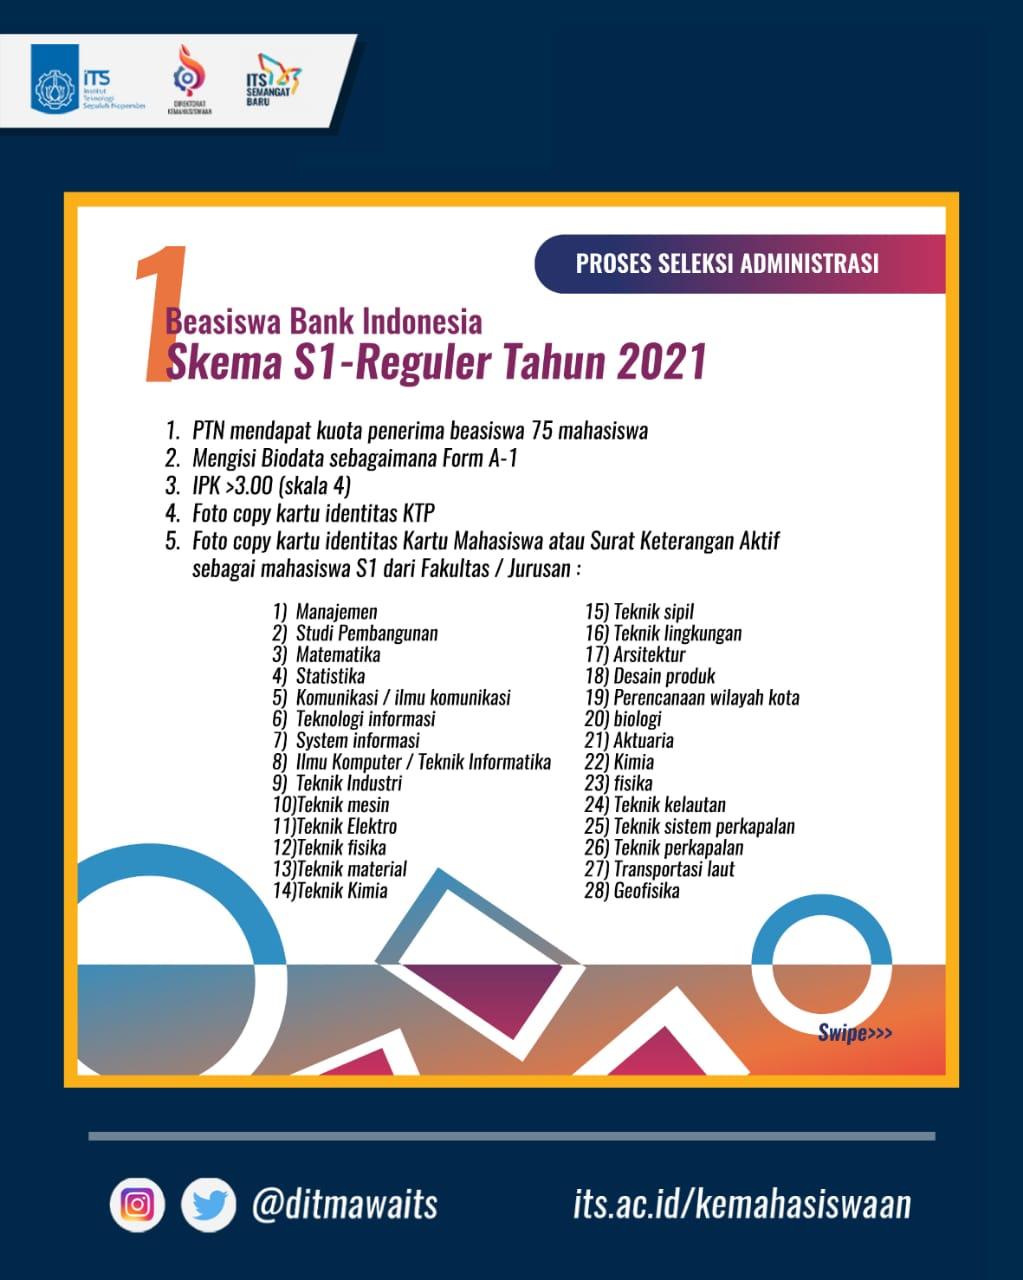 beasiswa-bank-indonesia-skema-1-tahun-2021